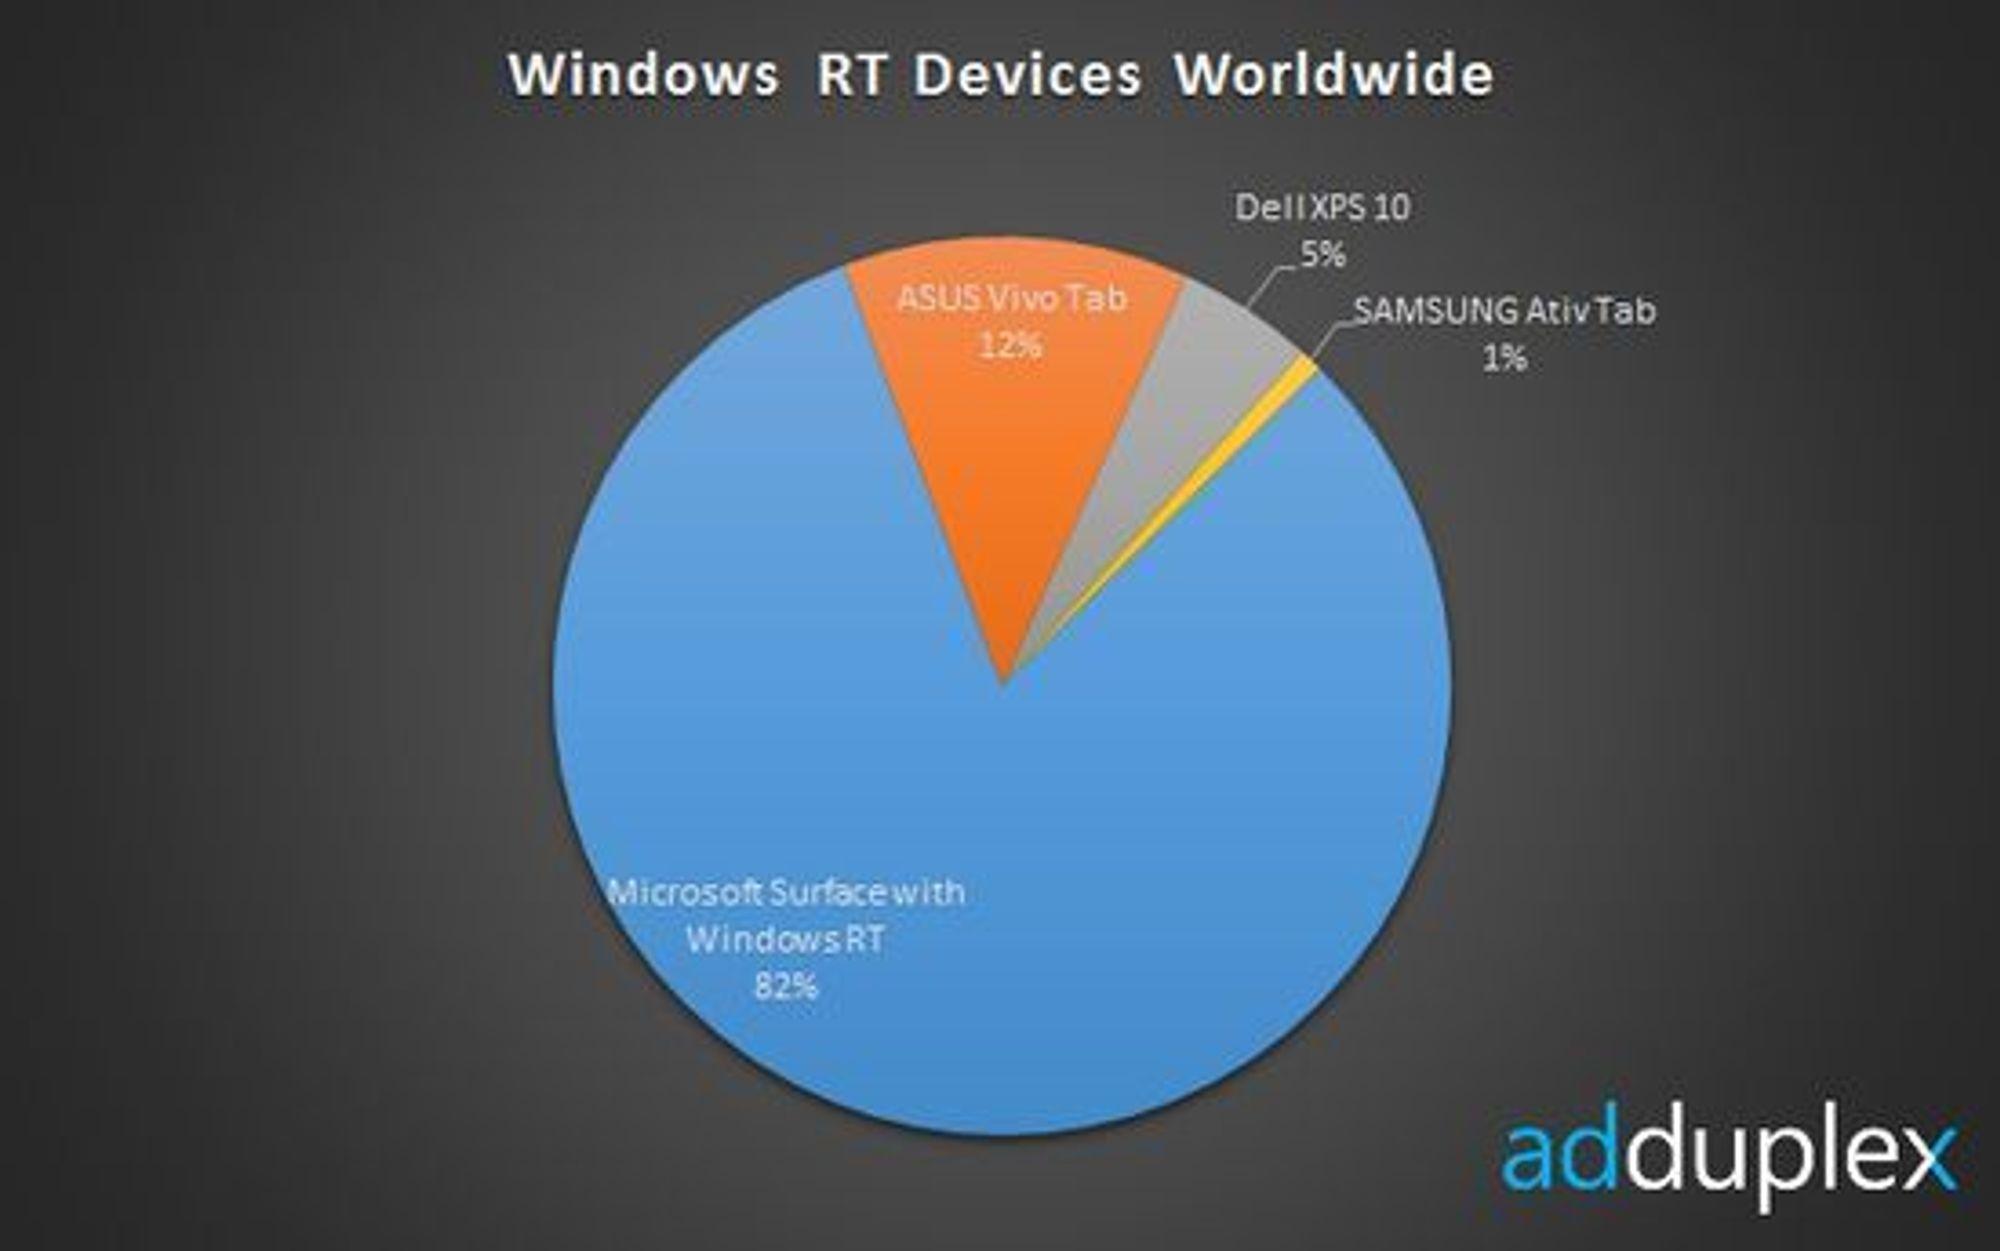 De vanligste nettbrettene med Windows RT.